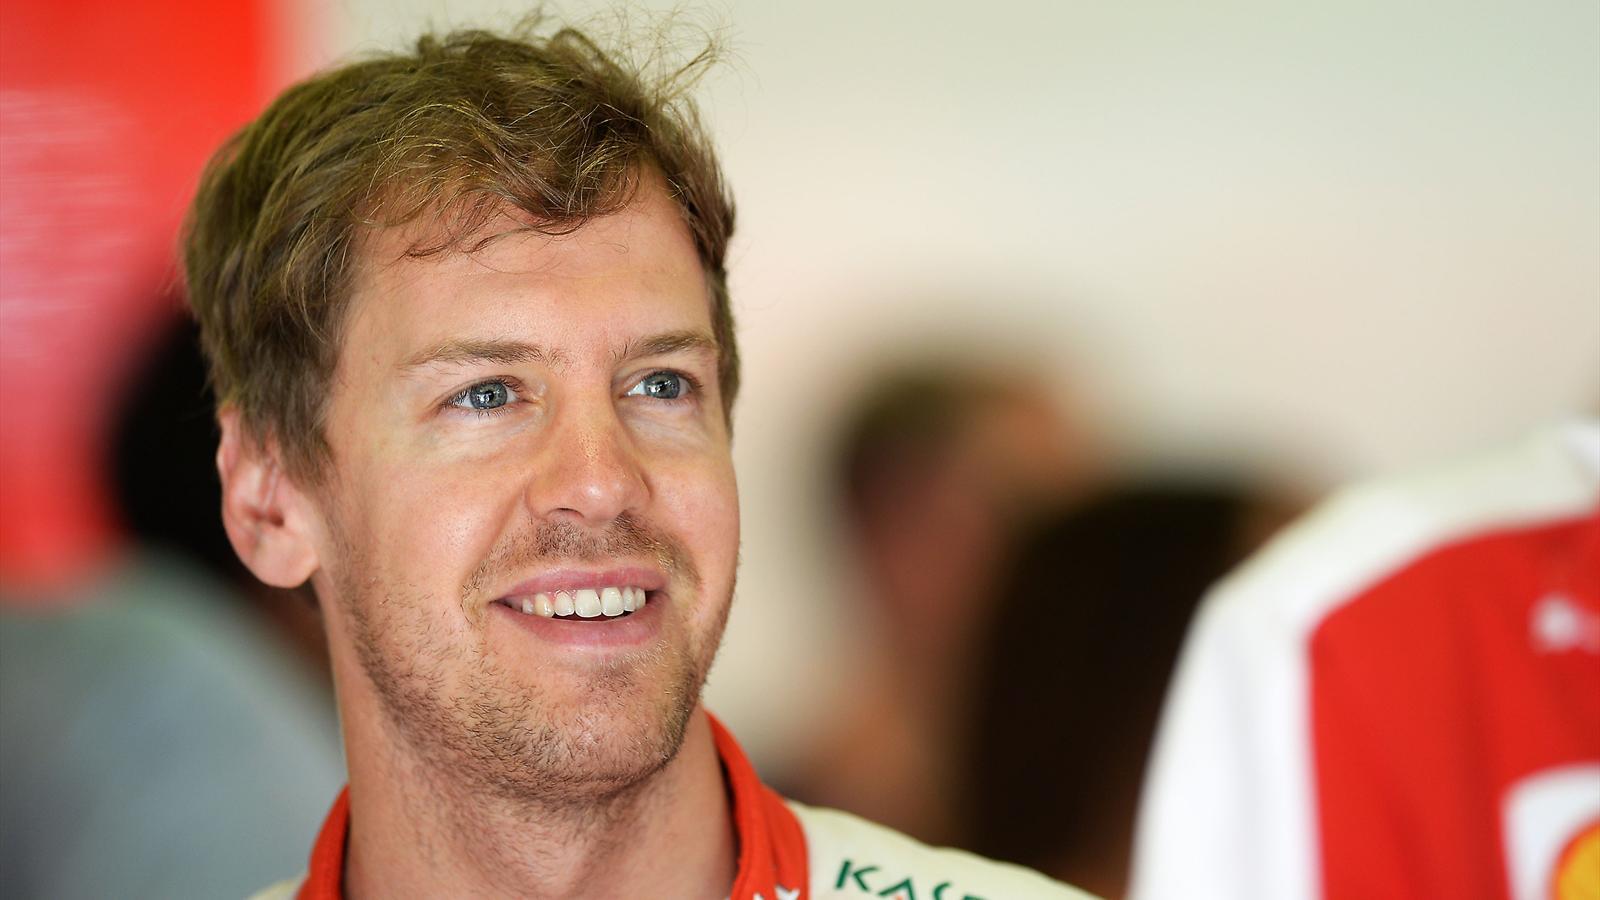 Spécial Sebastian Vettel (Formule un) - Page 19 1498362-31964392-1600-900